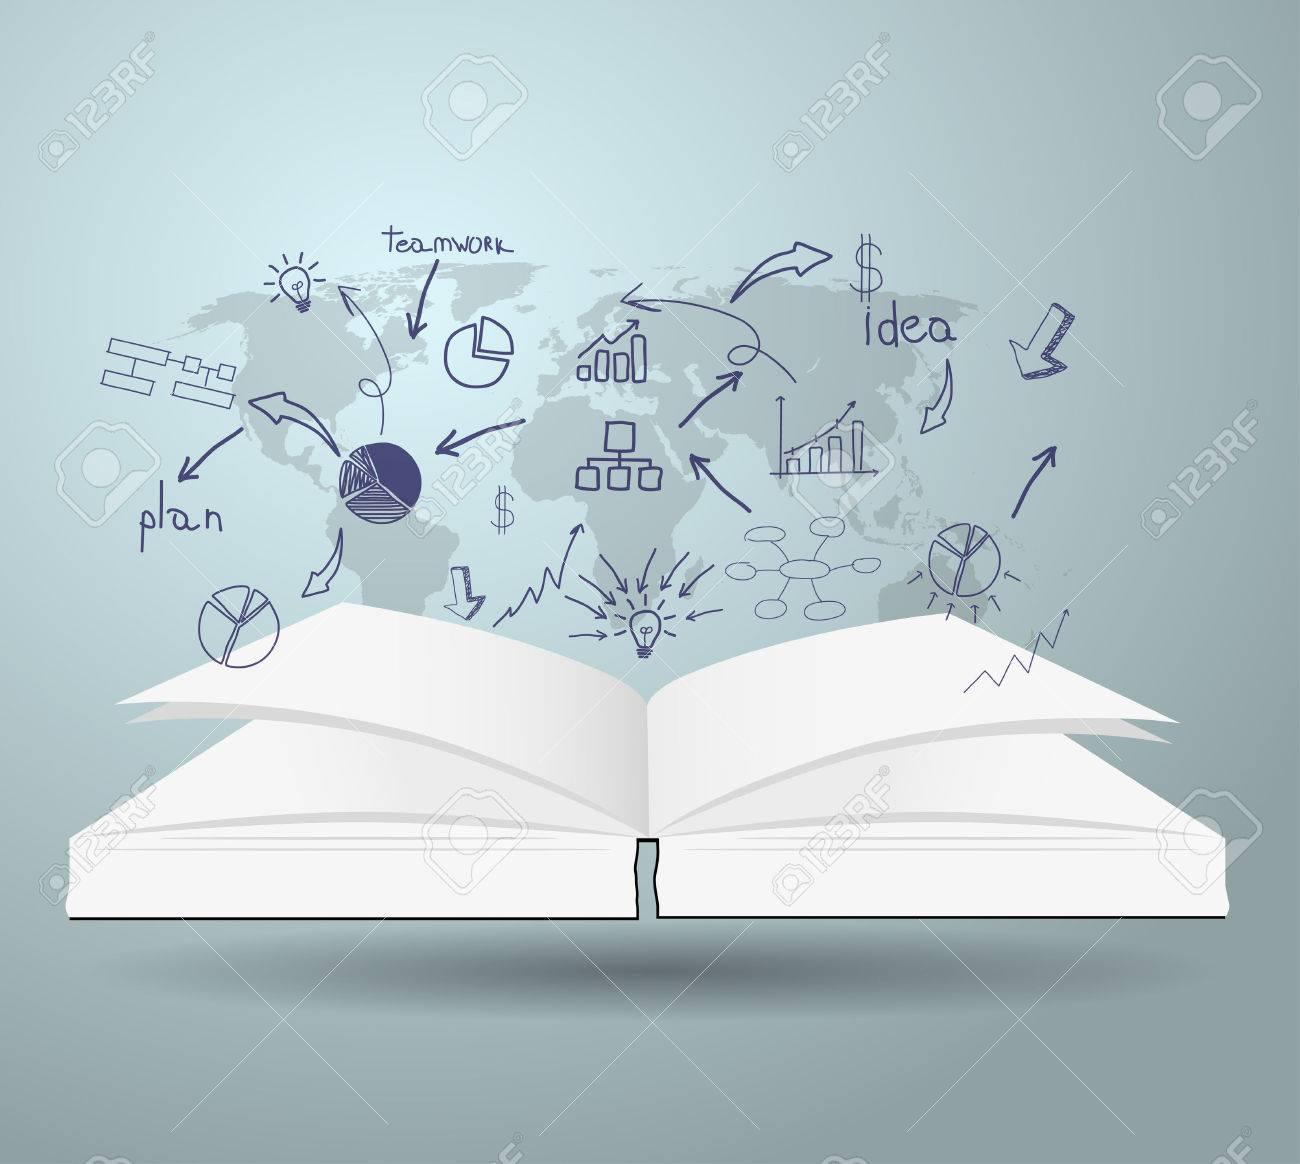 Libro Con Las Cartas De Dibujo Y Gráficos Estrategia De Negocio ...